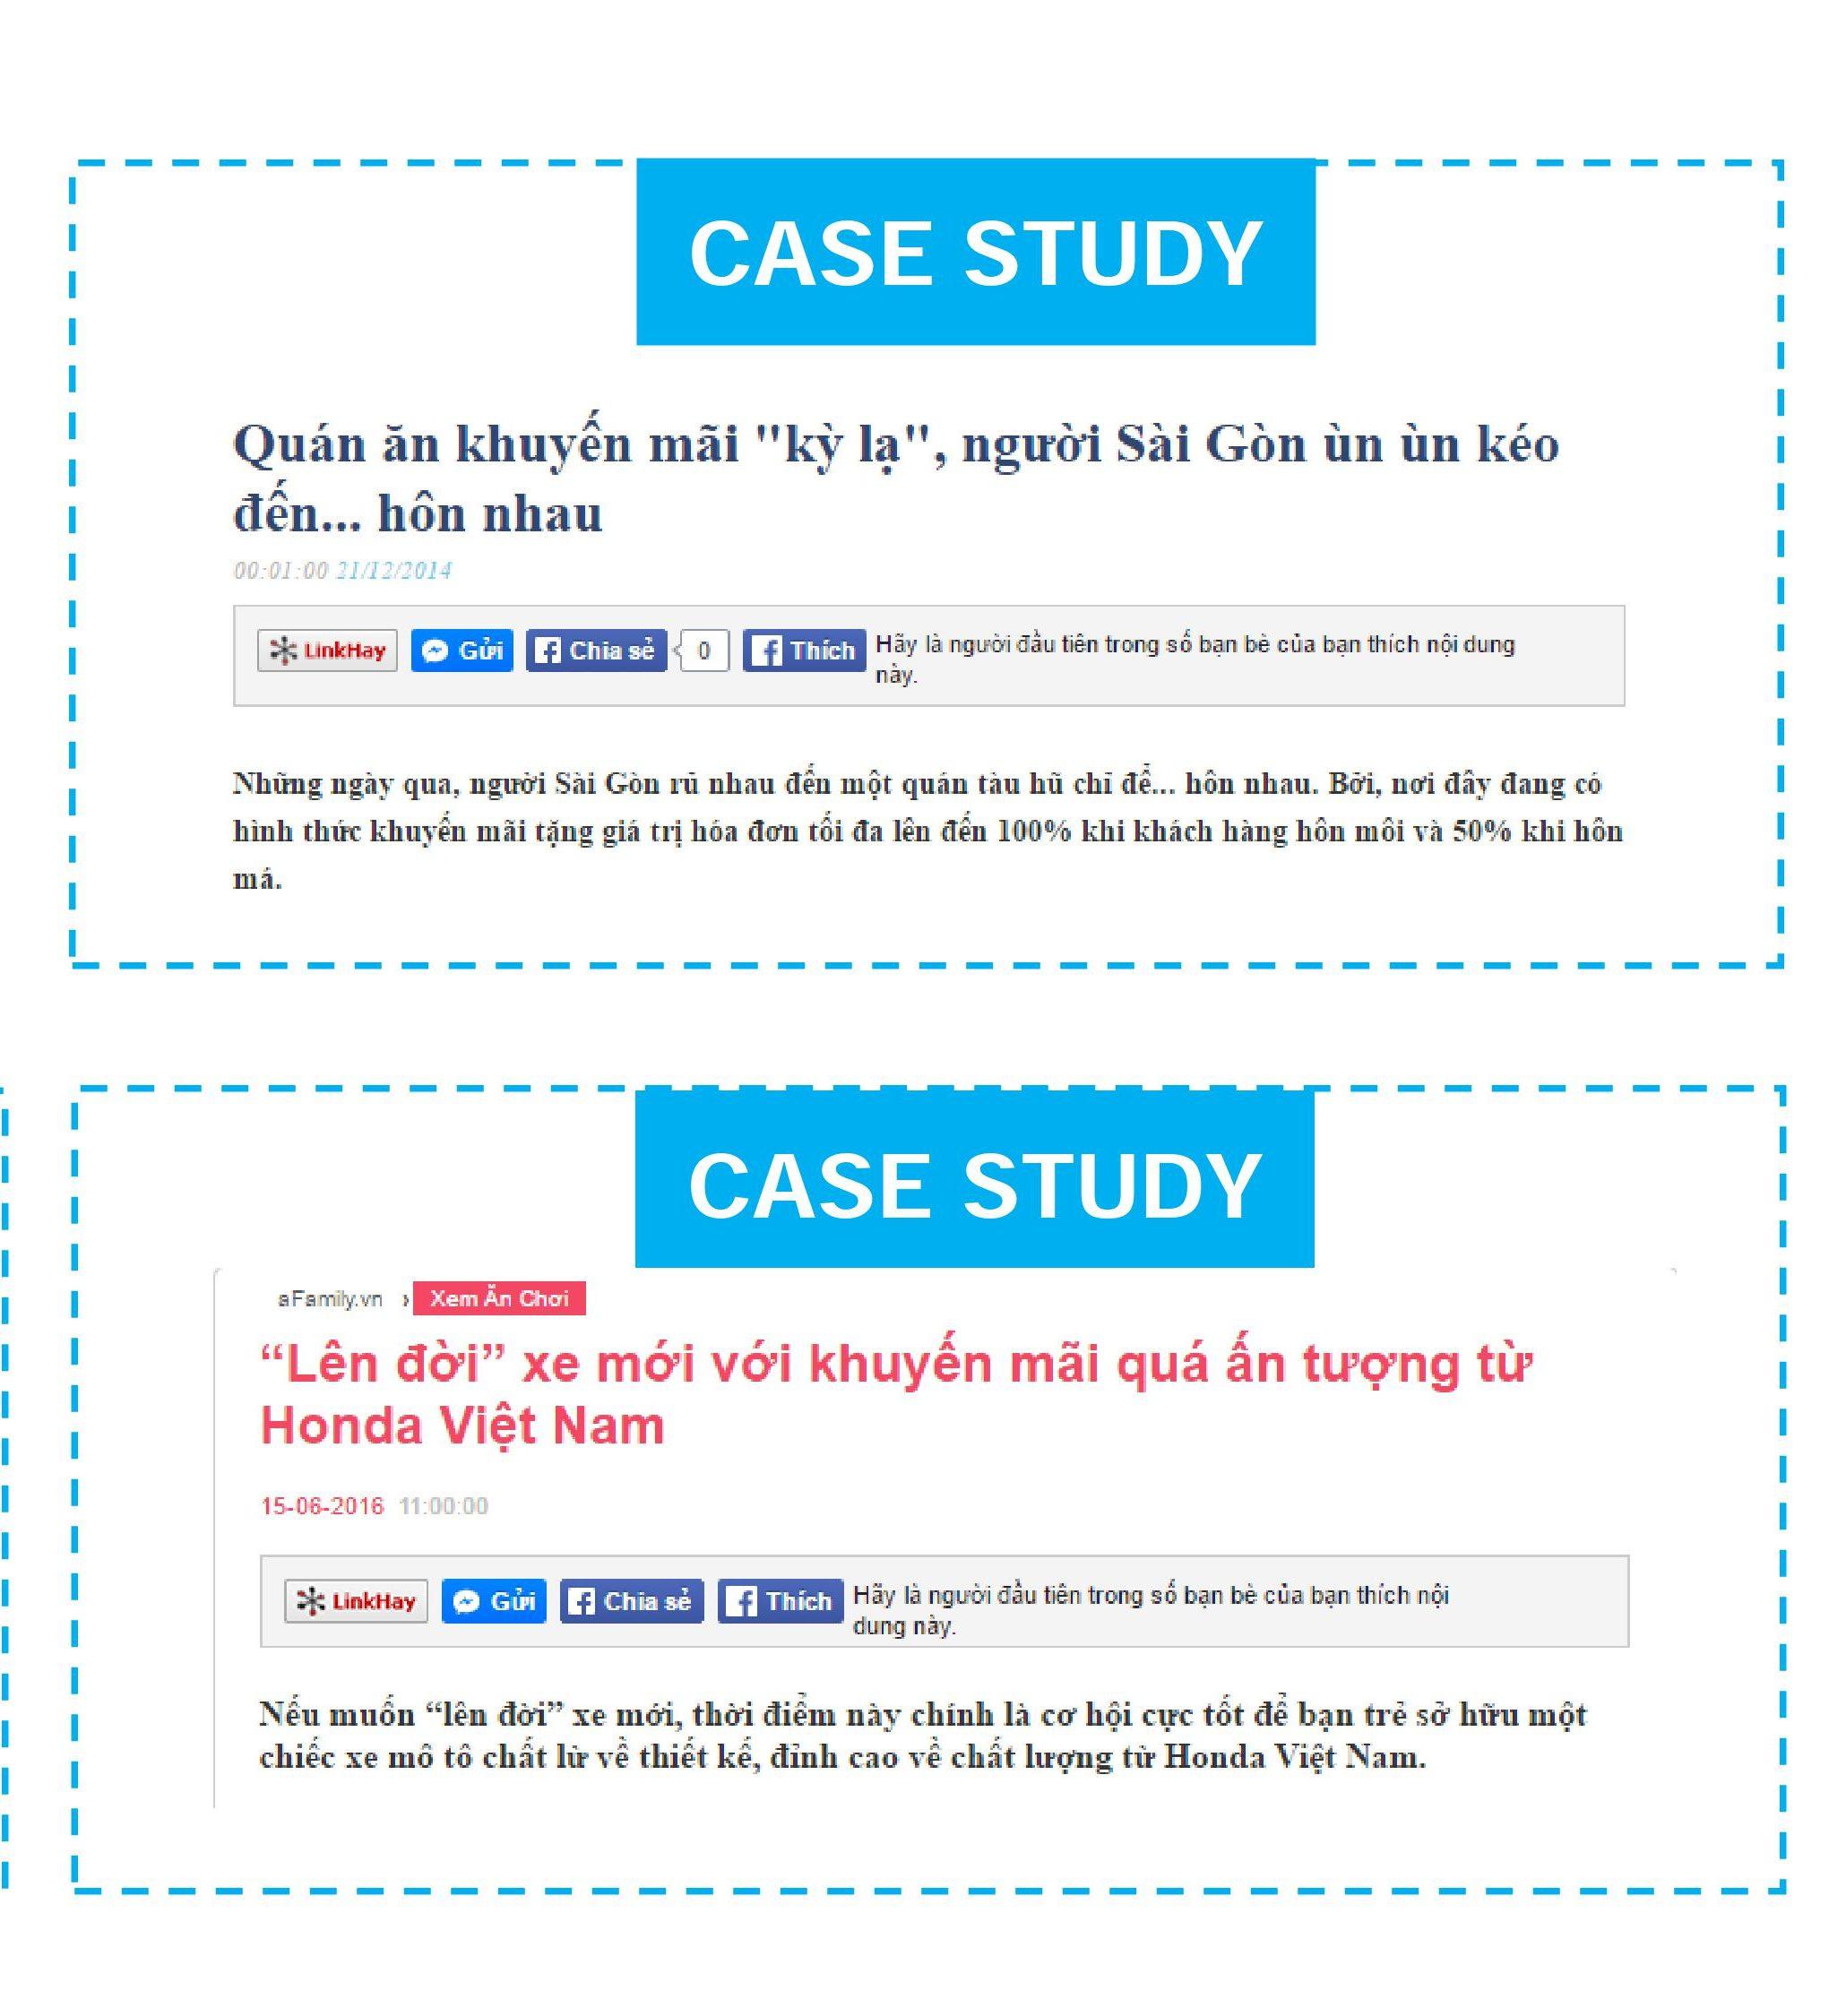 [Case Study] Nha Khoa Dentalist* Thành Công Với Gói Giải Pháp Quảng Bá Chương Trình Khuyến Mại